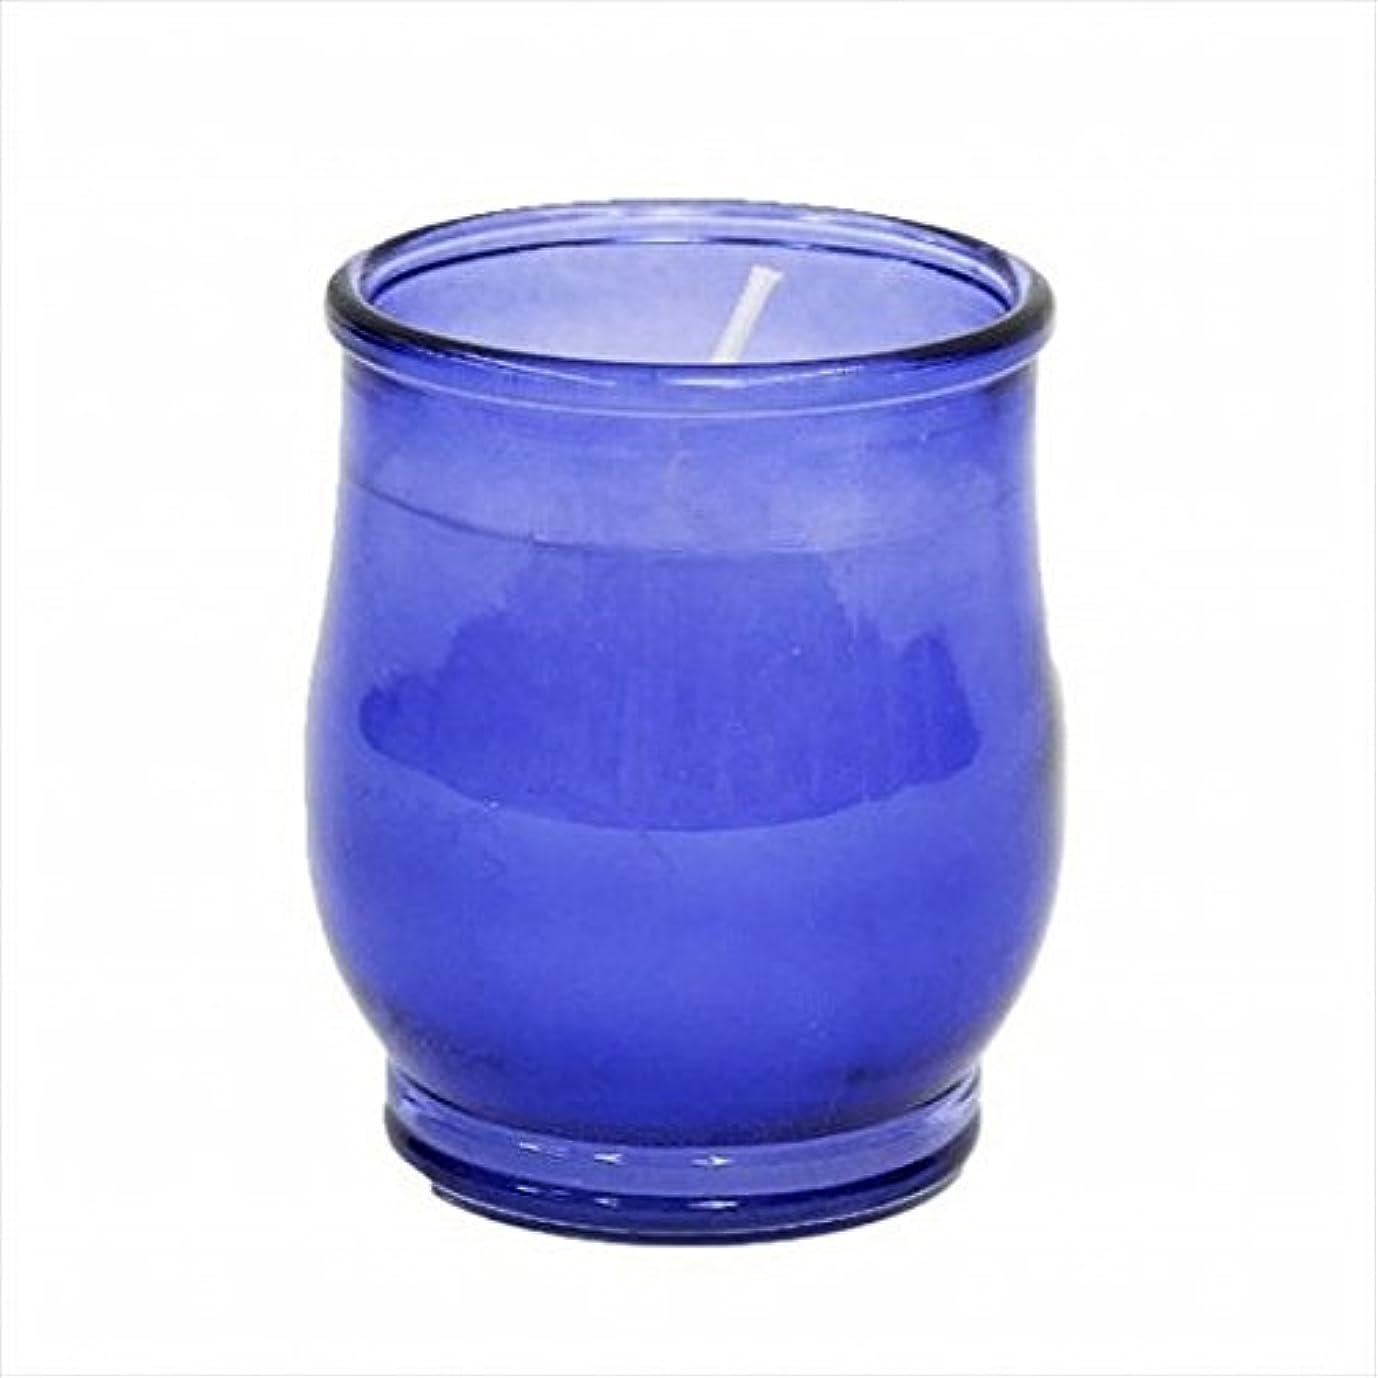 寄稿者アコーシダkameyama candle(カメヤマキャンドル) ポシェ(非常用コップローソク) 「 ブルー(ライトカラー) 」 キャンドル 68x68x80mm (73020030B)